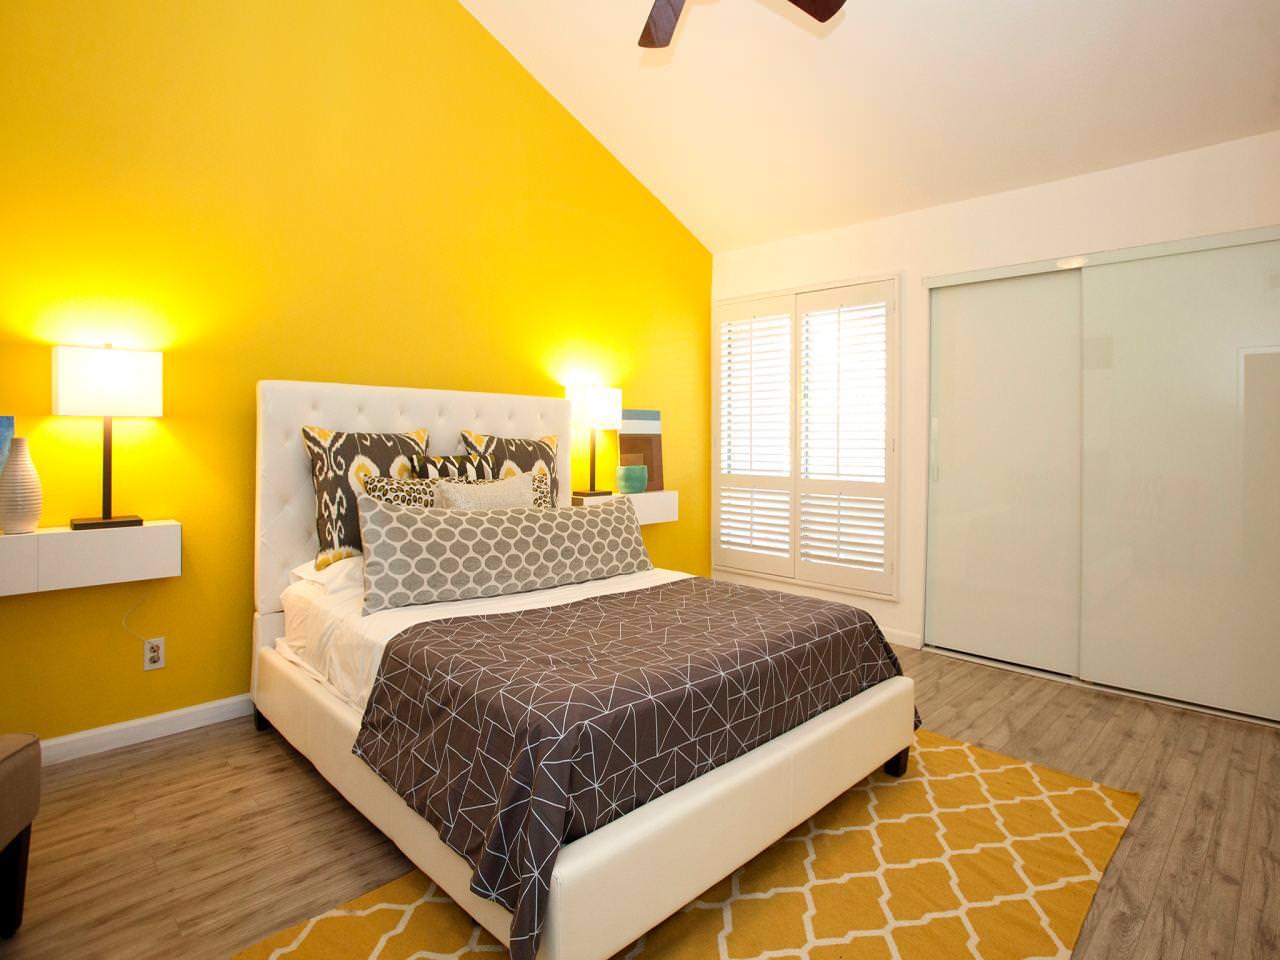 Спальня с желтой стеной в мансарде